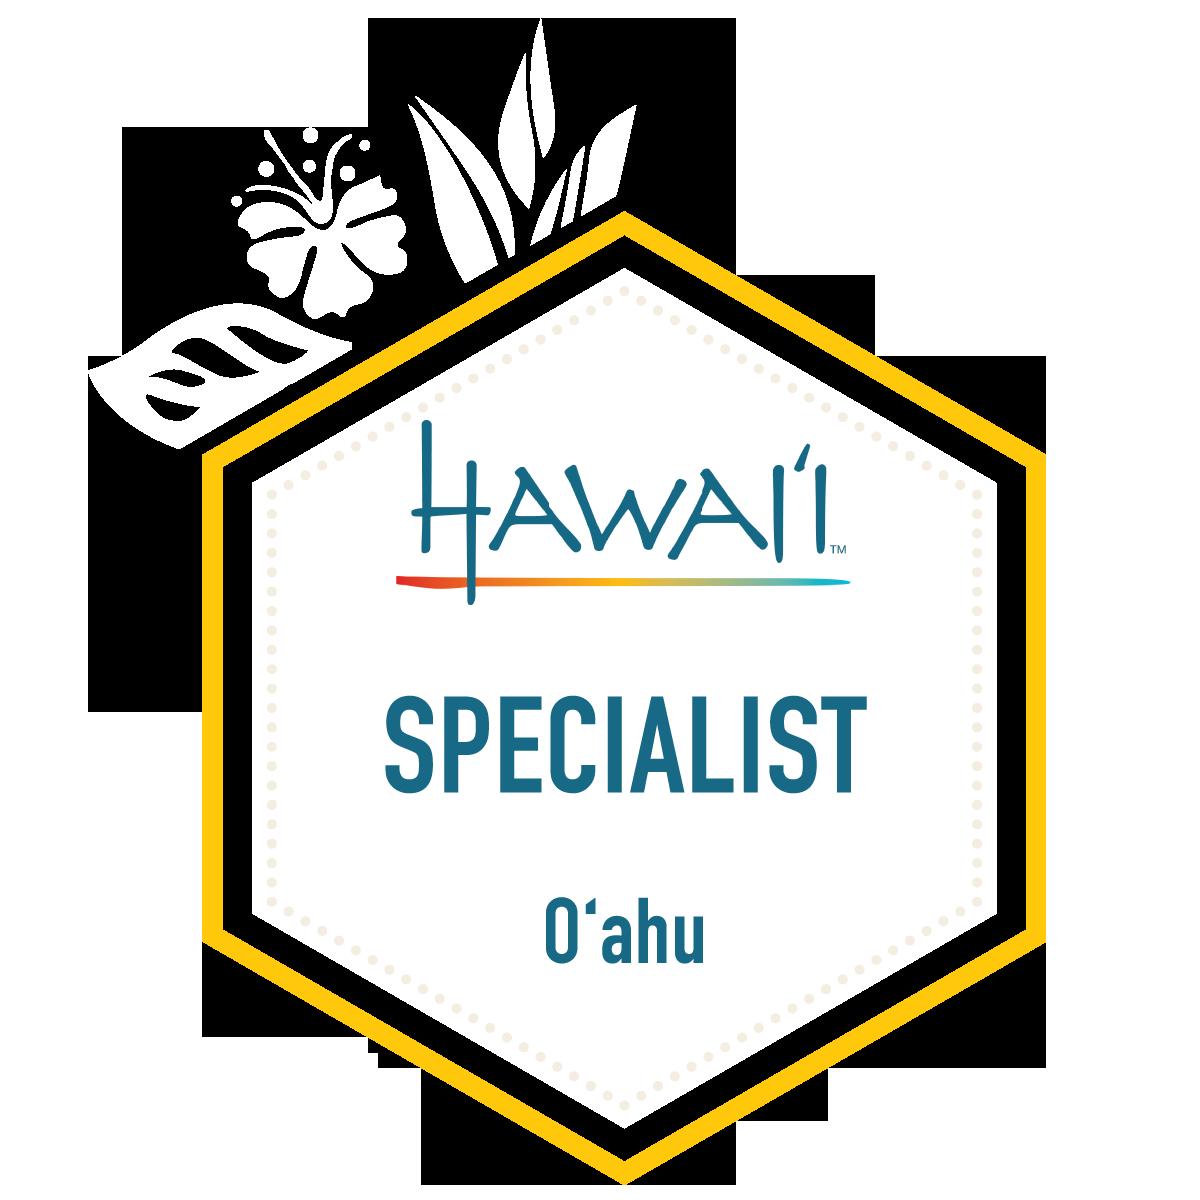 Oahu Specialist